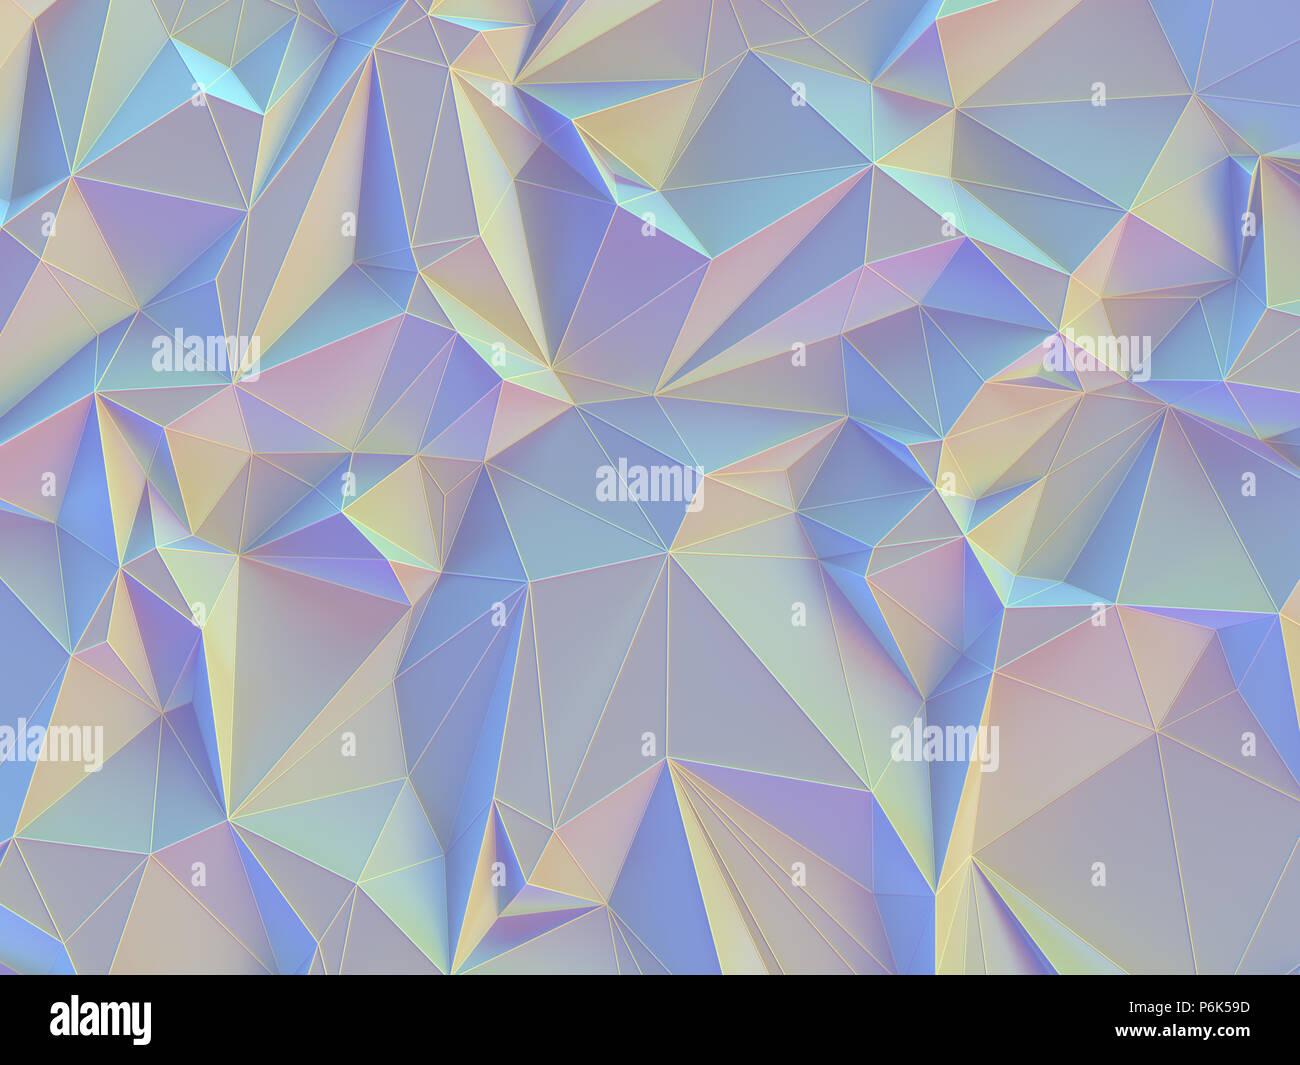 Ilustración 3D. Imagen de fondo abstracto, conexiones en líneas geométricas y las formas triangulares. Vintage de colores pastel. Imagen De Stock